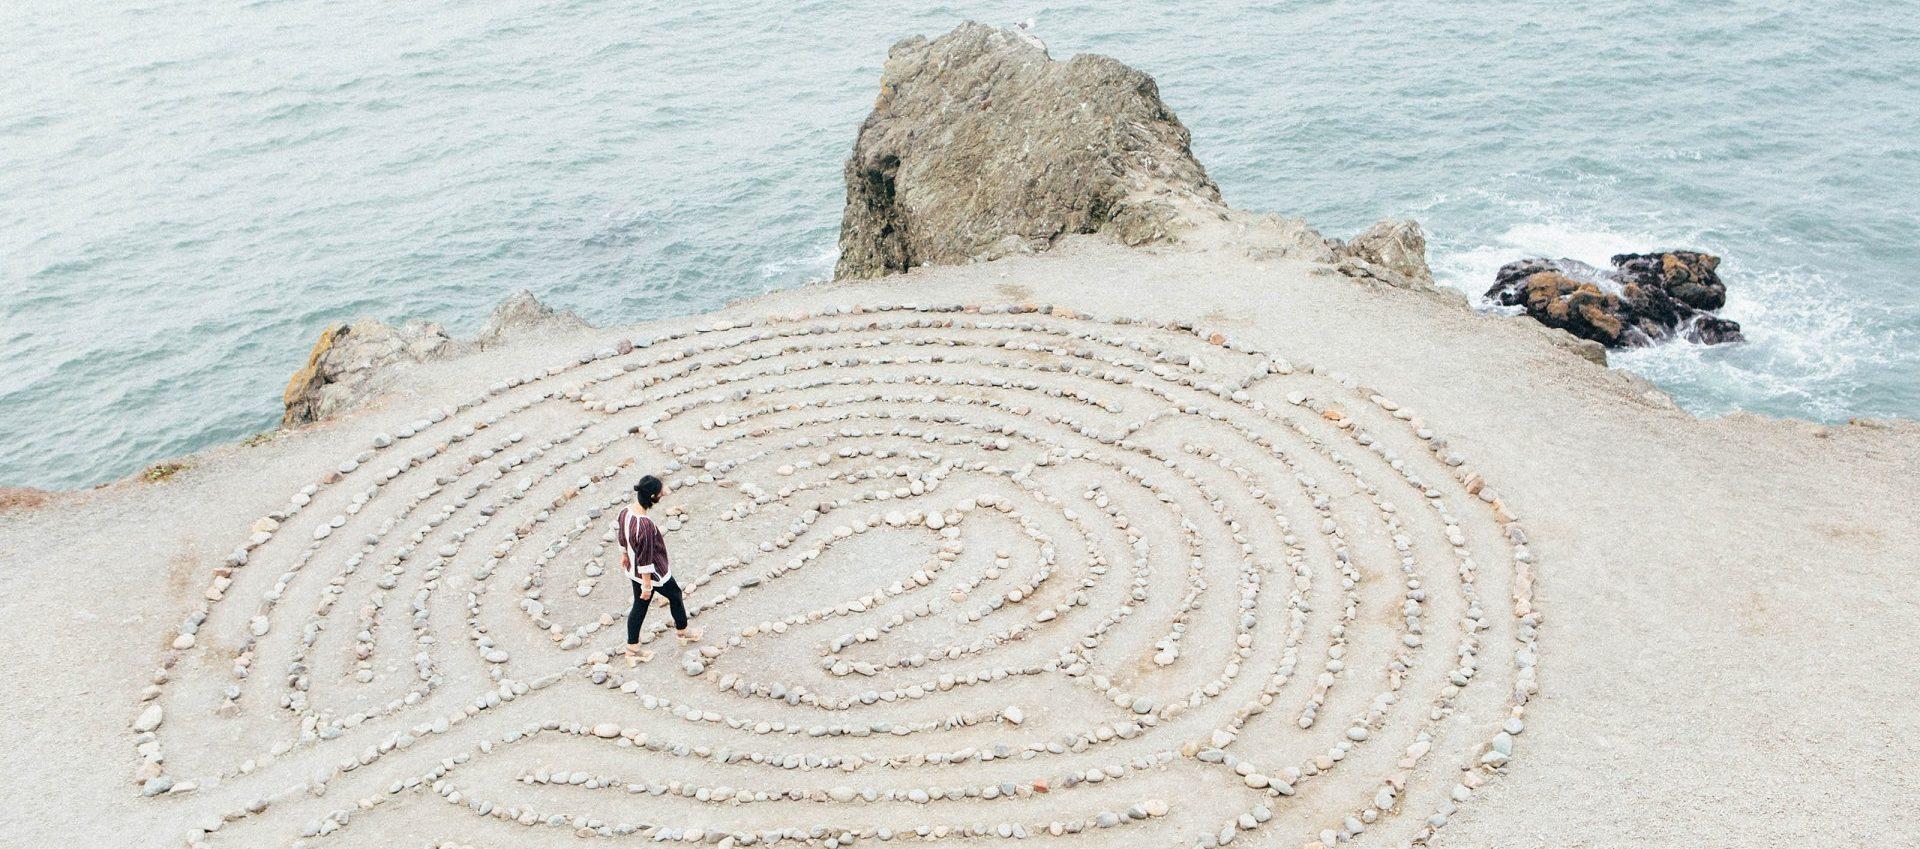 życie po swojemu, co oznacza życie po swojemu, życie po swojemu oznacza, jak żyć po swojemu, żyć po swojemu, po swojemu